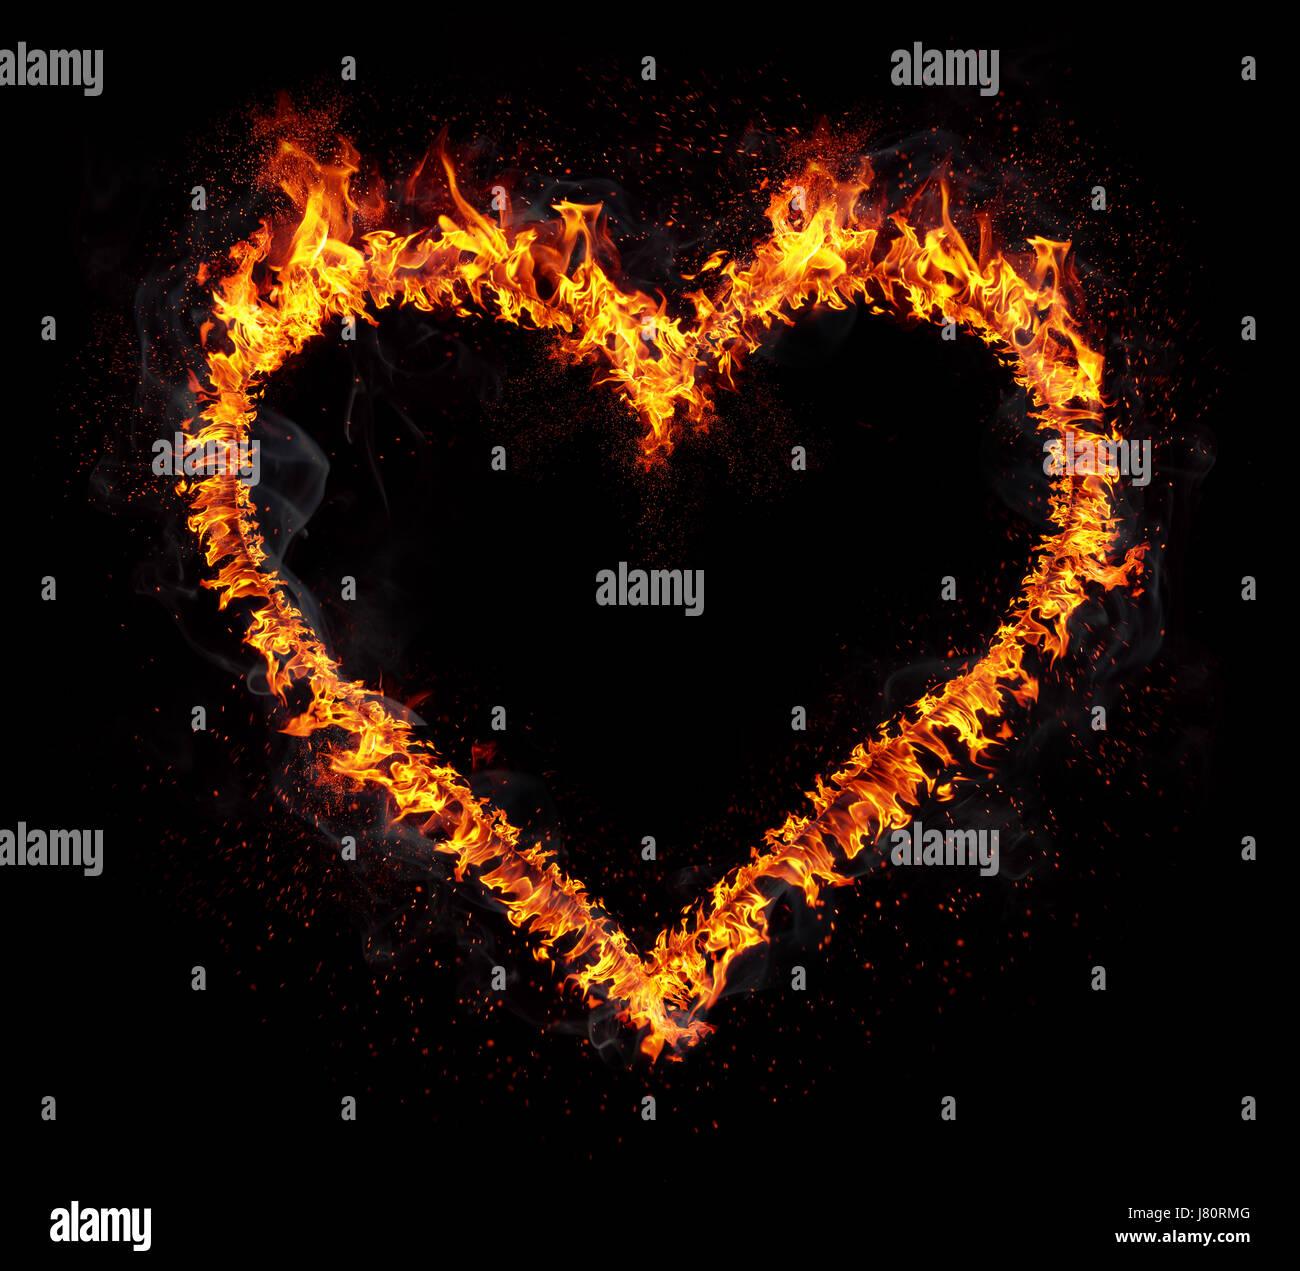 Corazón en llamas aislado sobre fondo negro. Símbolo de amor. Foto de stock